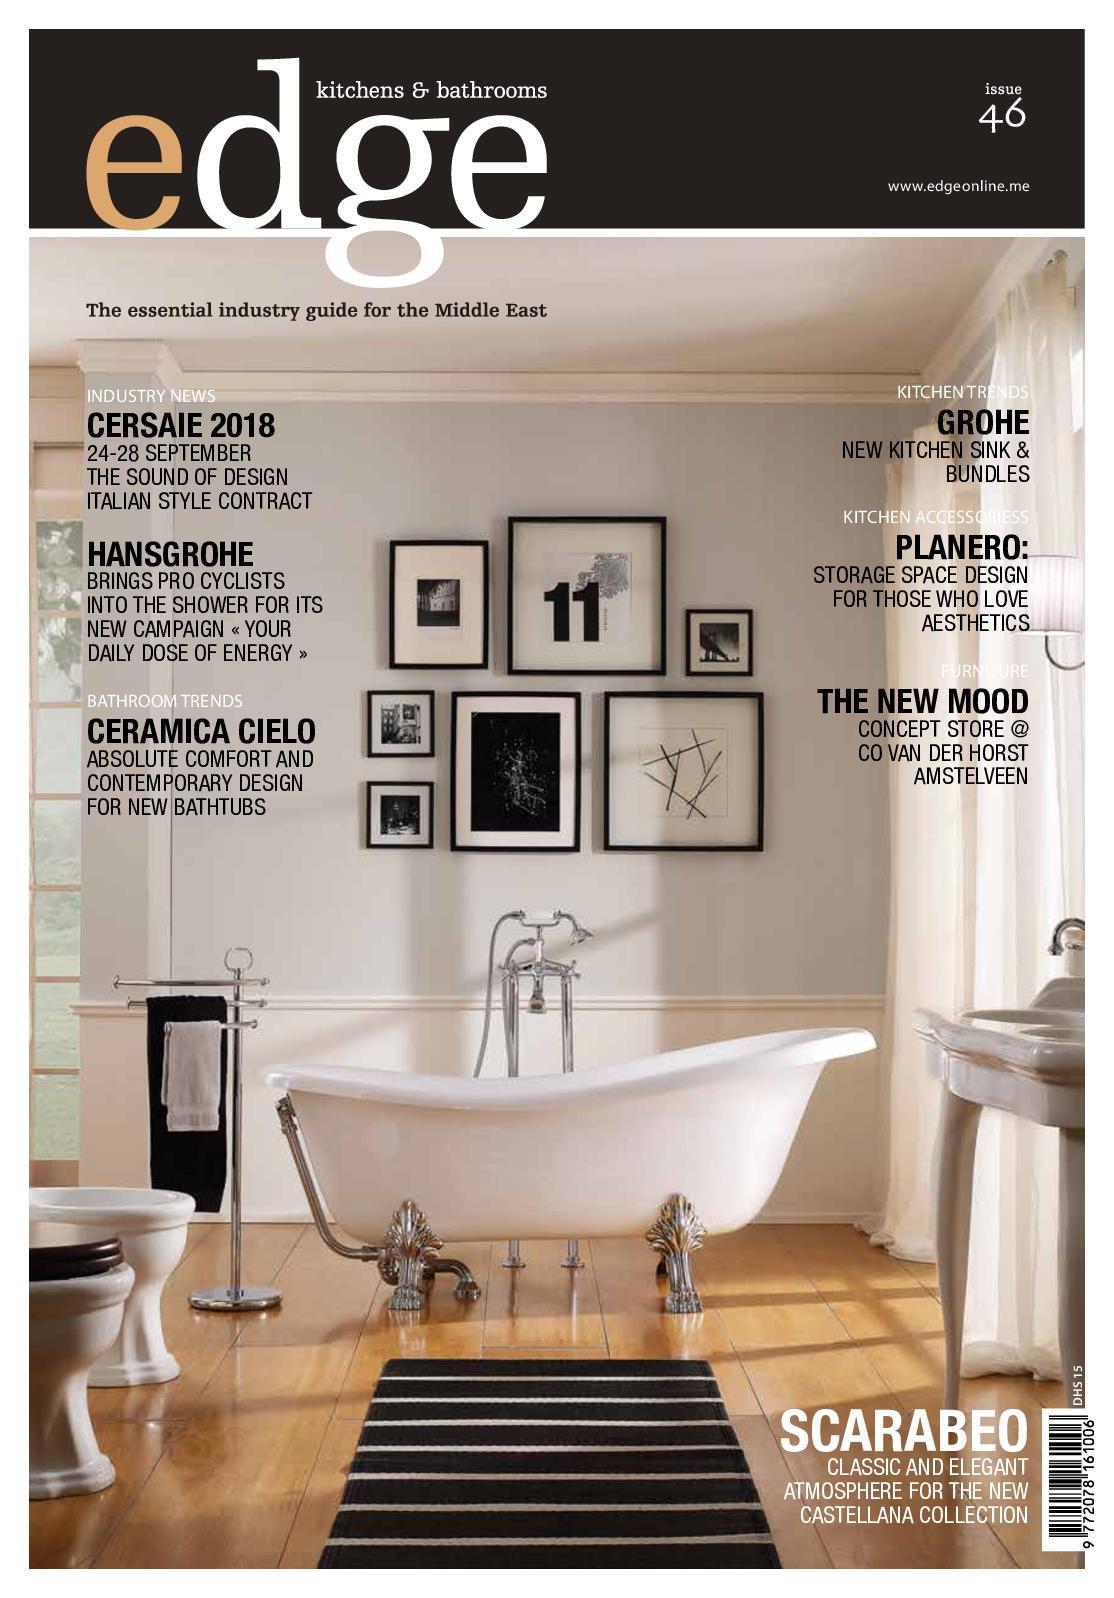 Calaméo   Edge Issue46 Aug Oct 2018 GCC